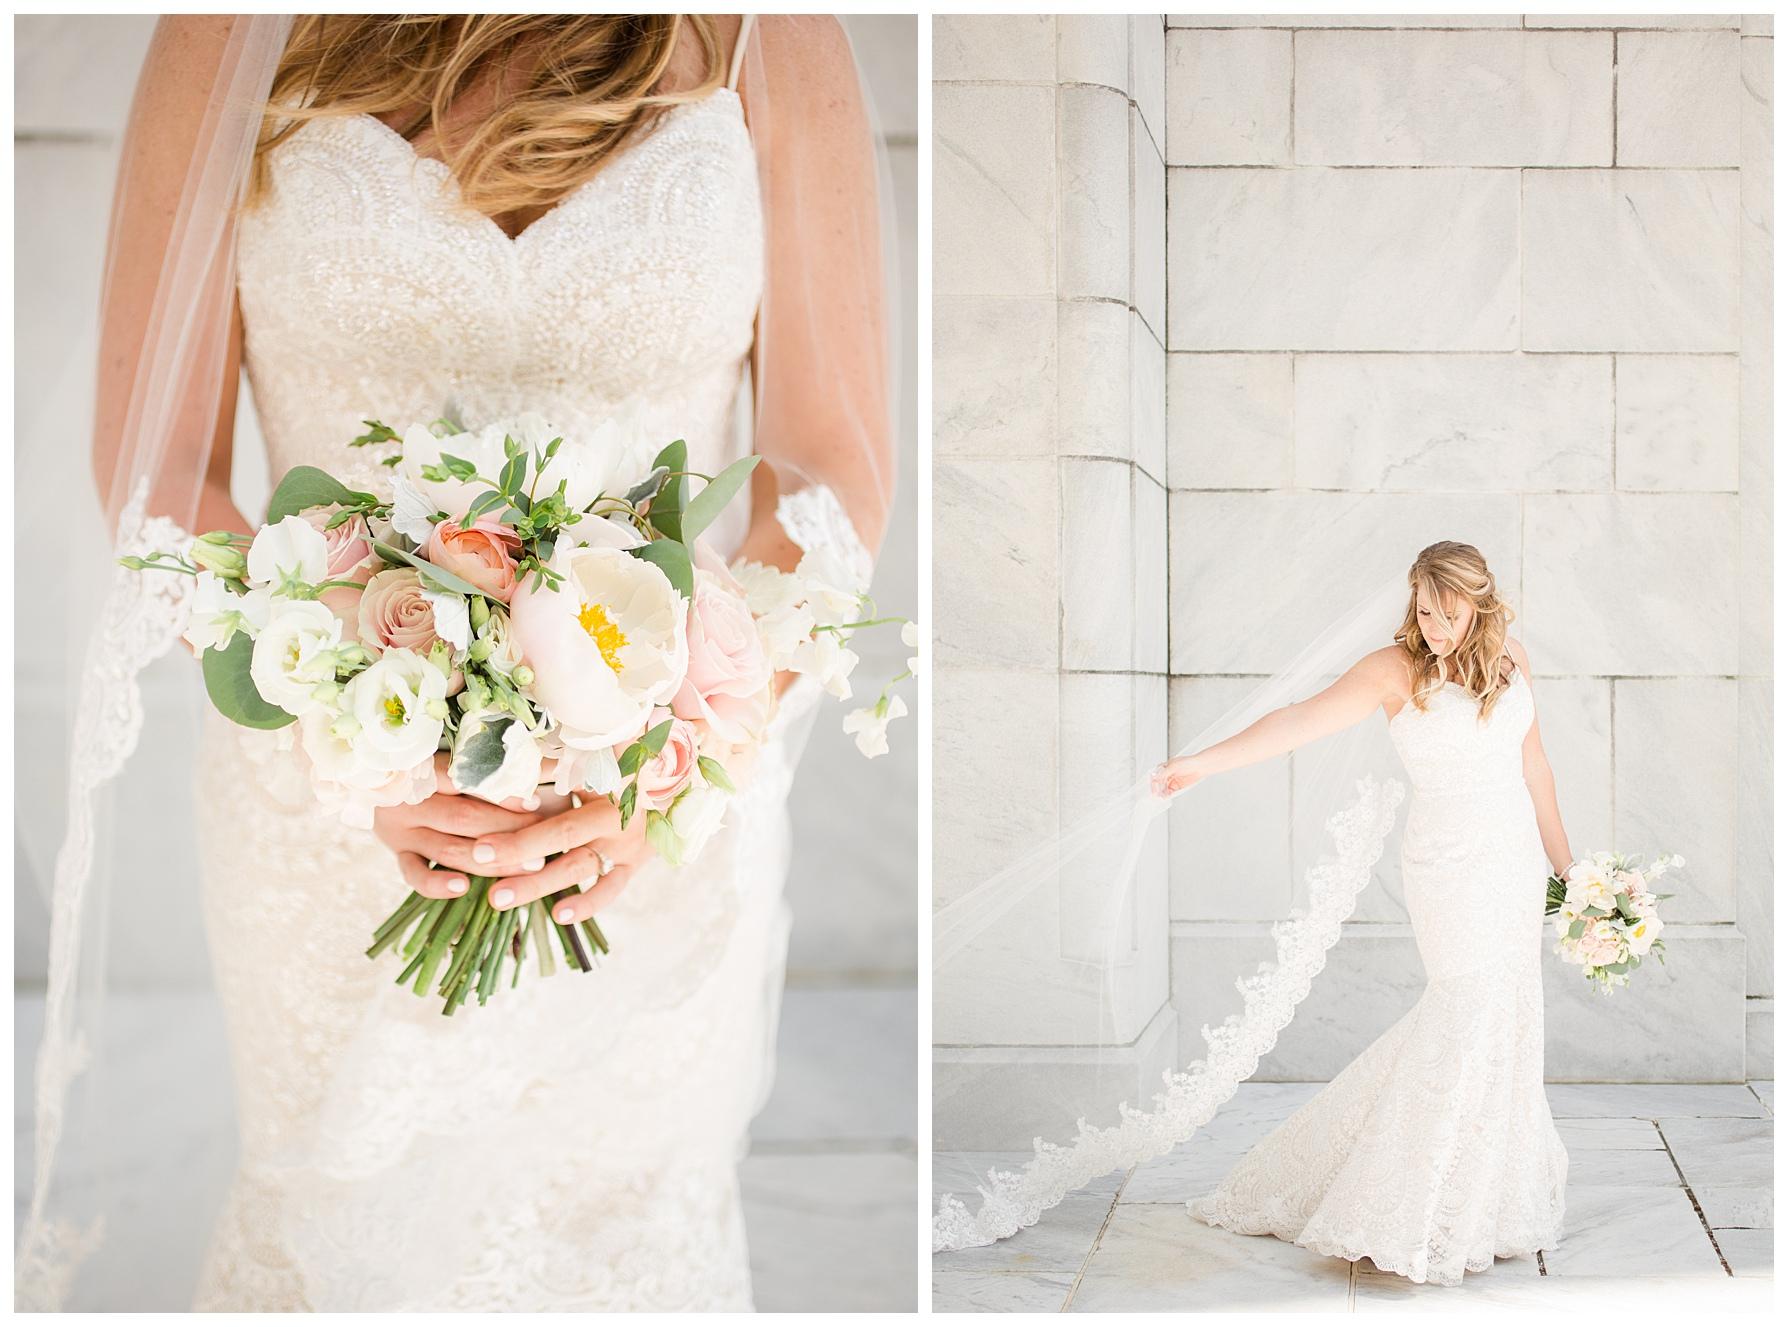 columbus-wedding-portratis-bride-groom_0031.jpg